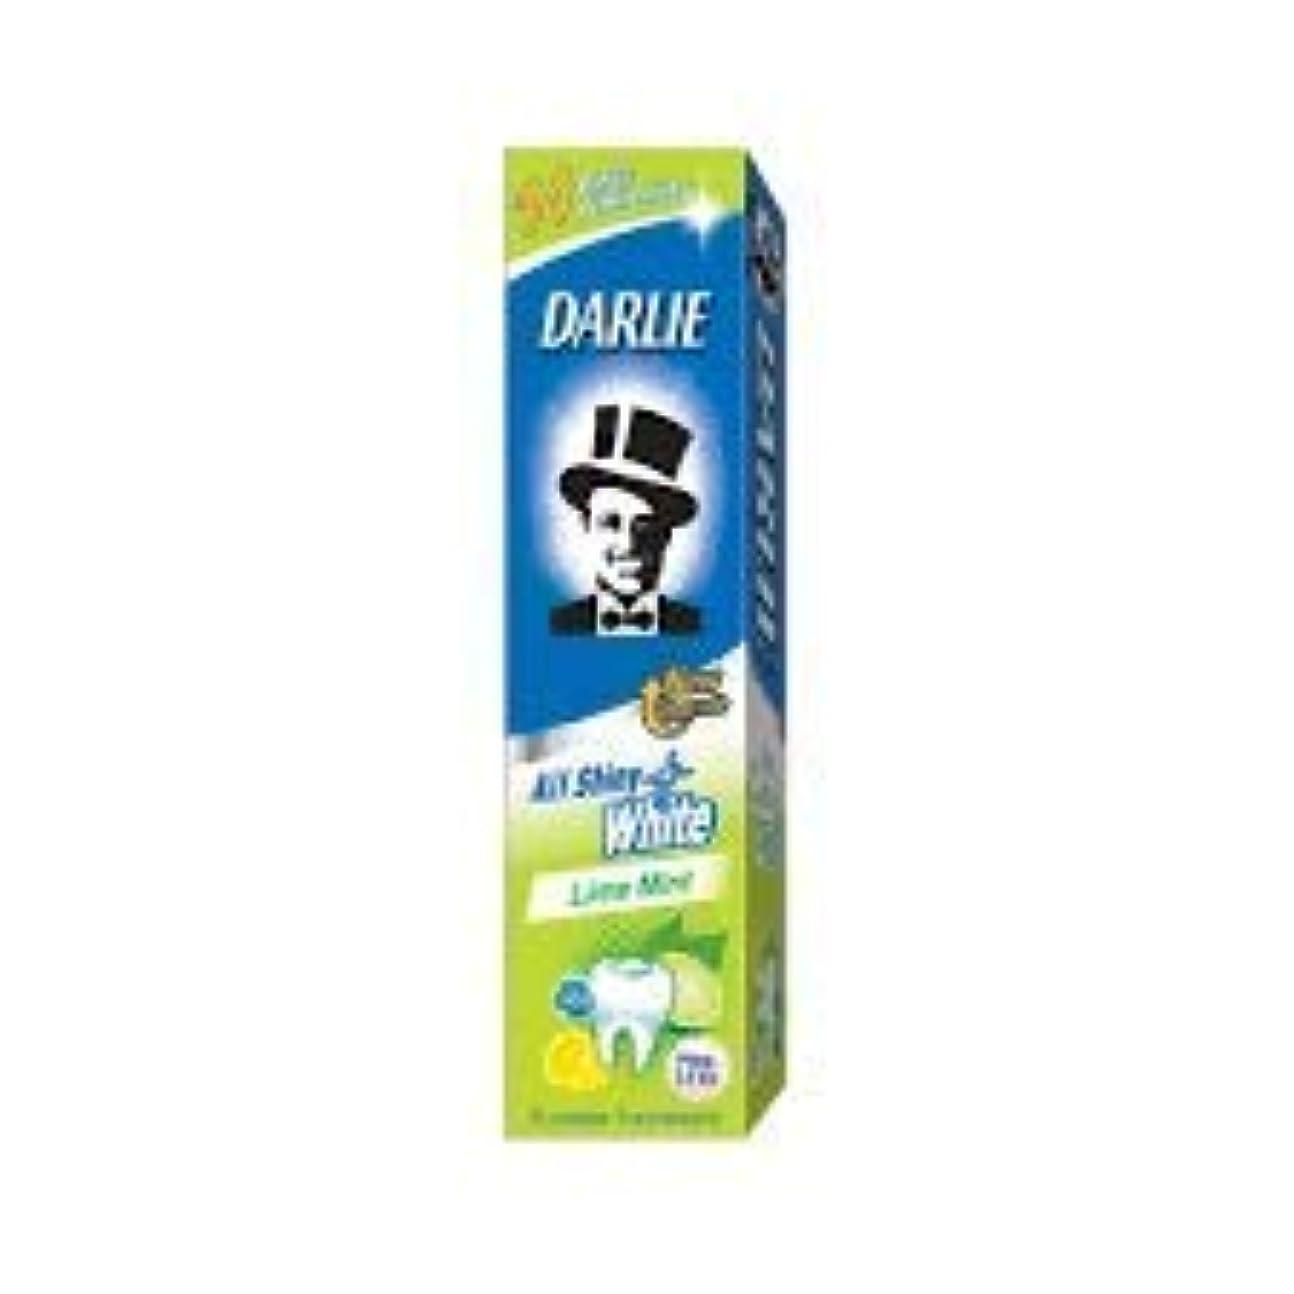 チート野心構築するDARLIE 歯磨き粉すべての光沢のあるホワイトライムミント140g - 虫歯と戦い、歯を保護するフッ化物を含みます